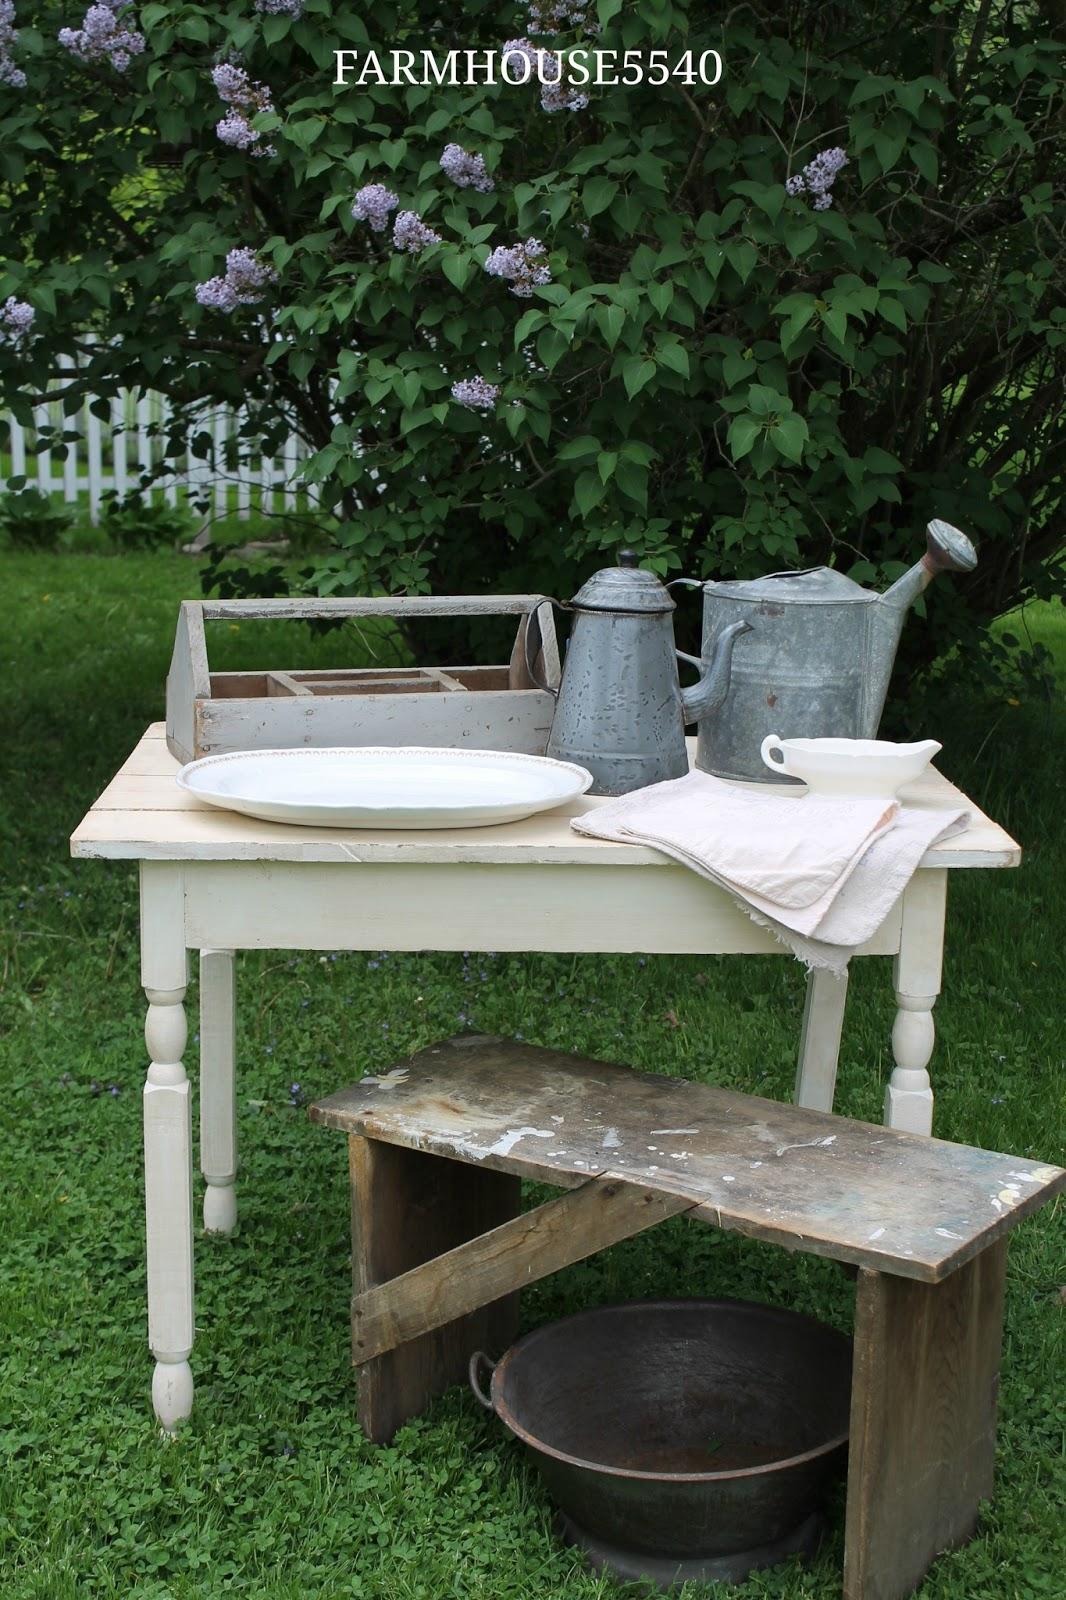 FARMHOUSE 5540 The Perfect White Table